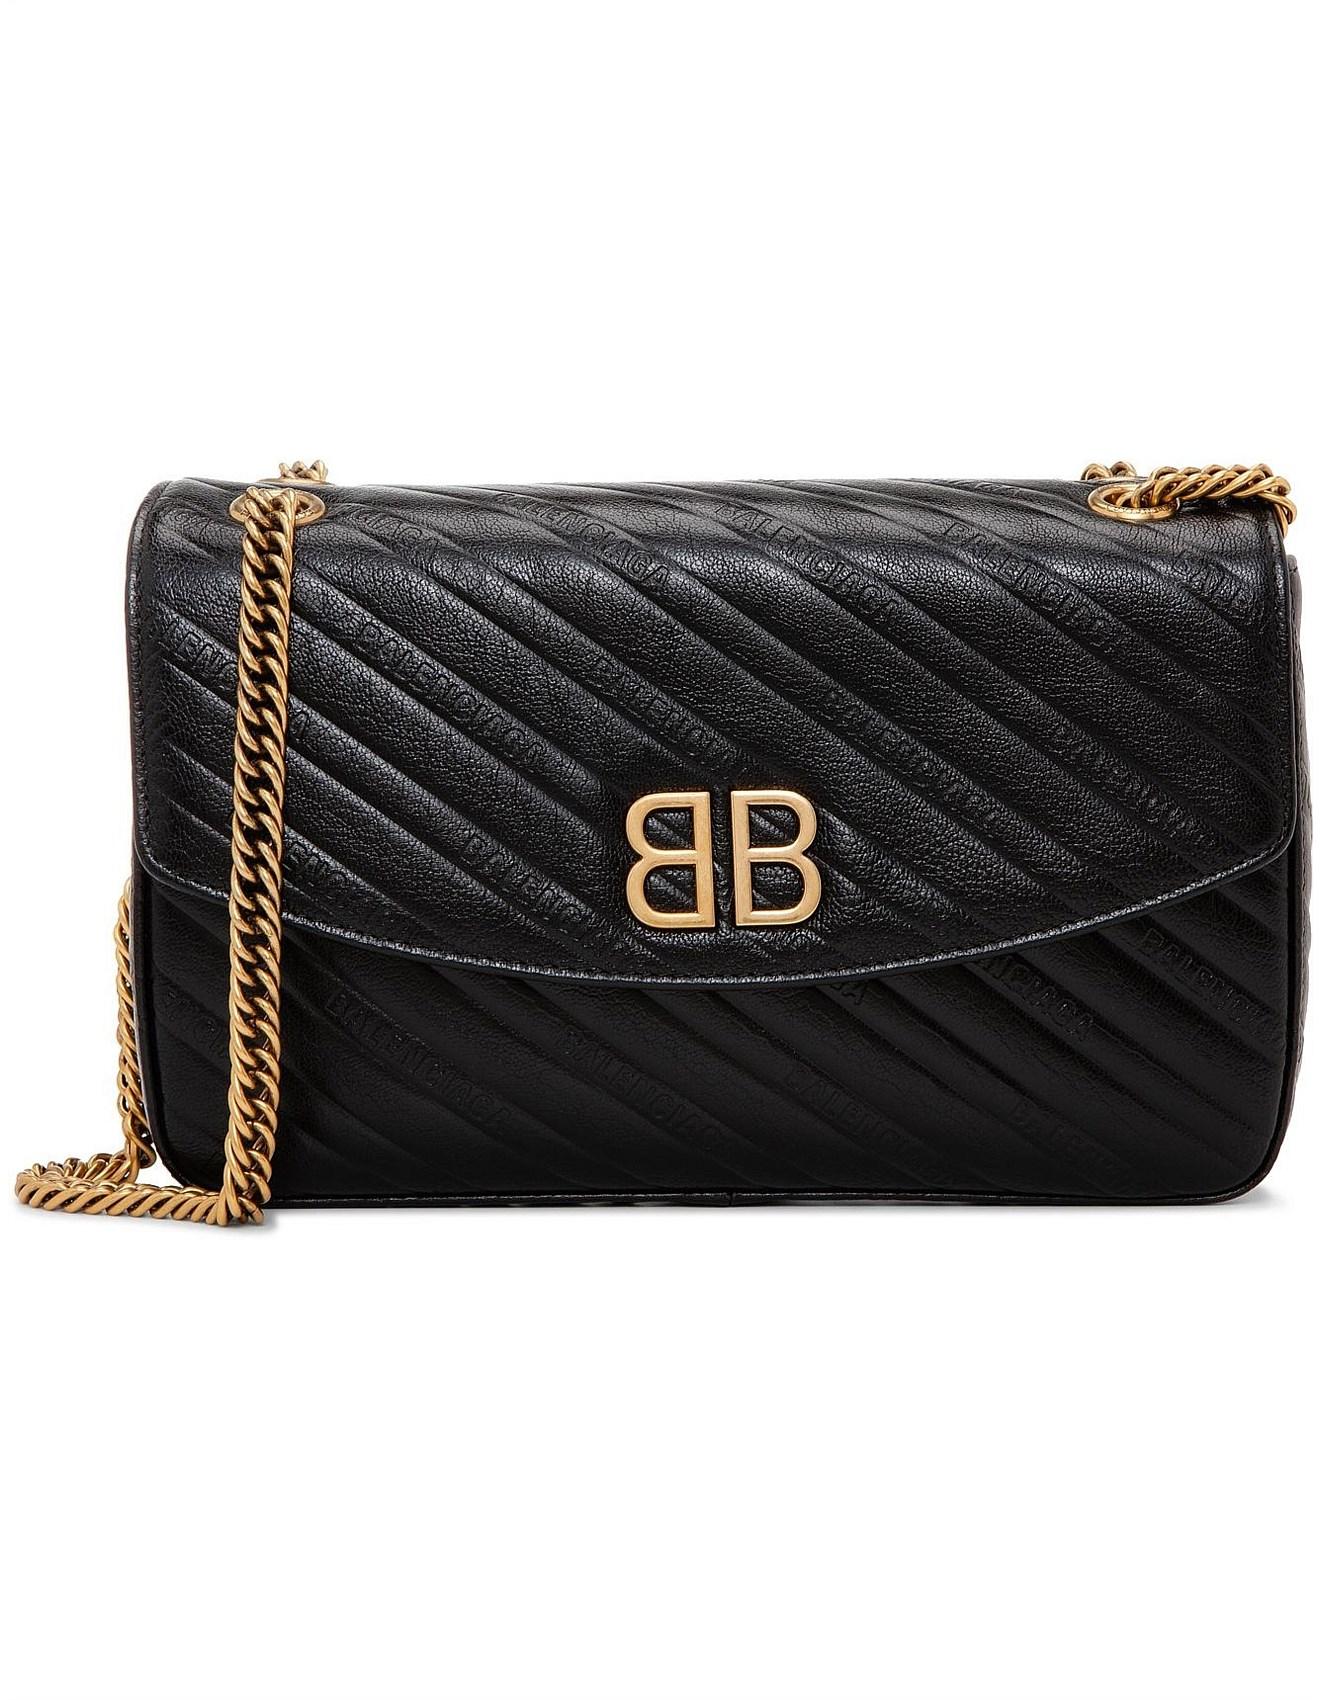 c473dab574848c Balenciaga   Buy Balenciaga Shoes, Bags & More   David Jones - GOLD ...